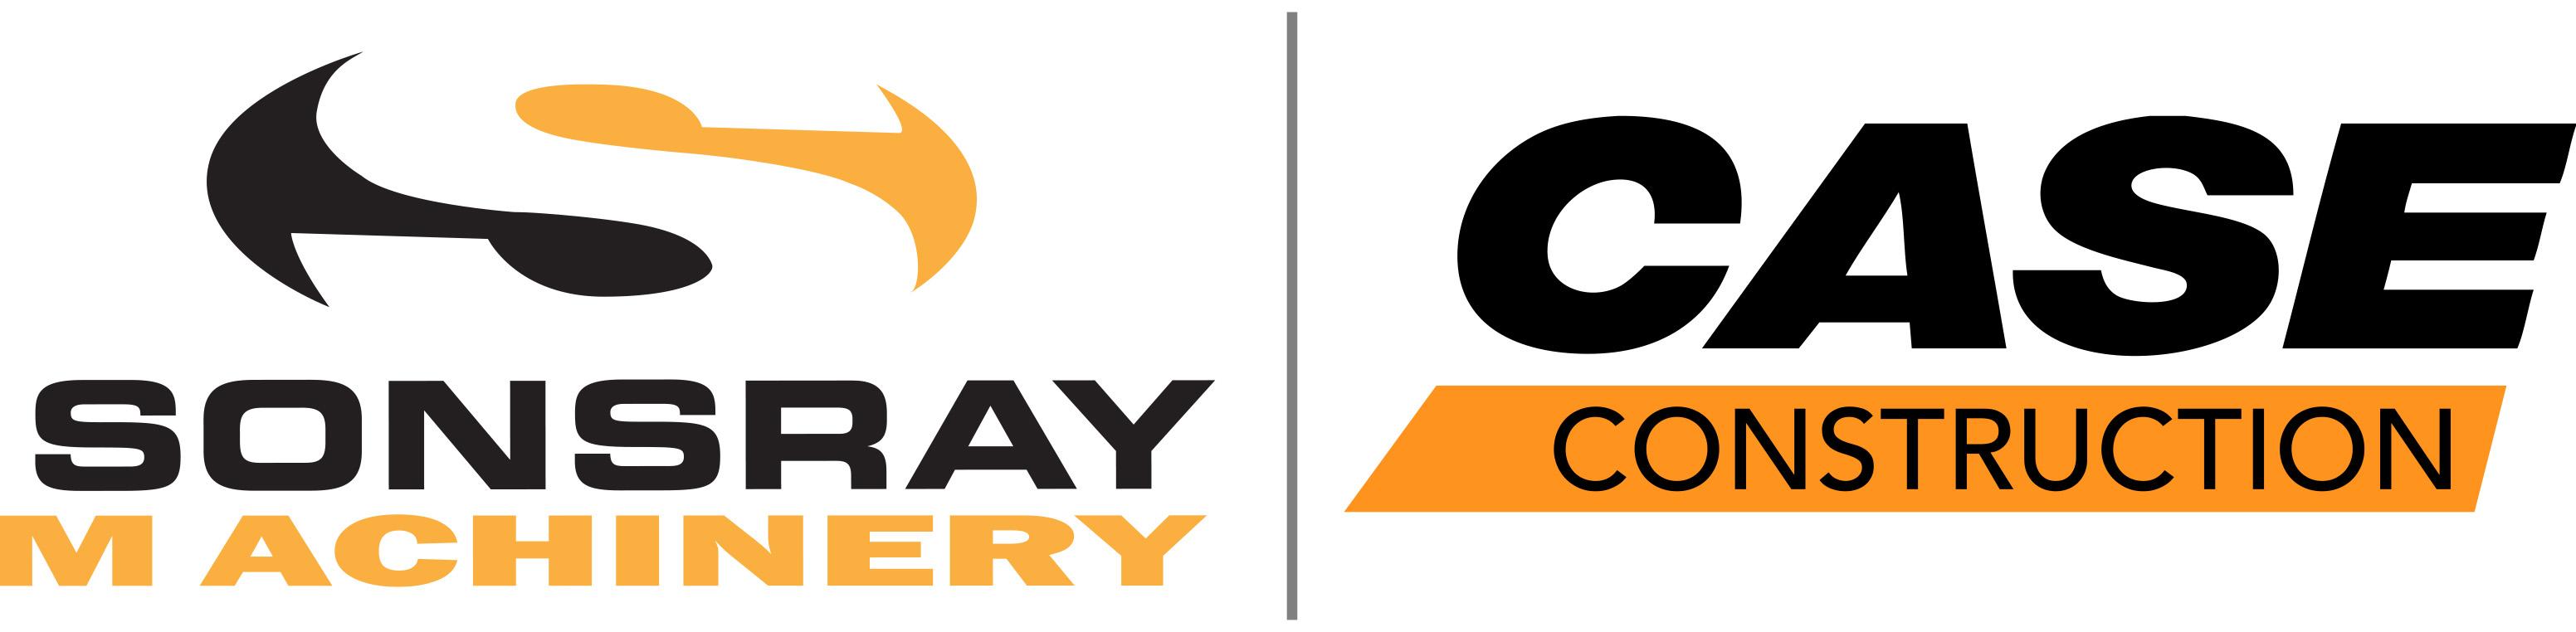 Sonsray Machinery